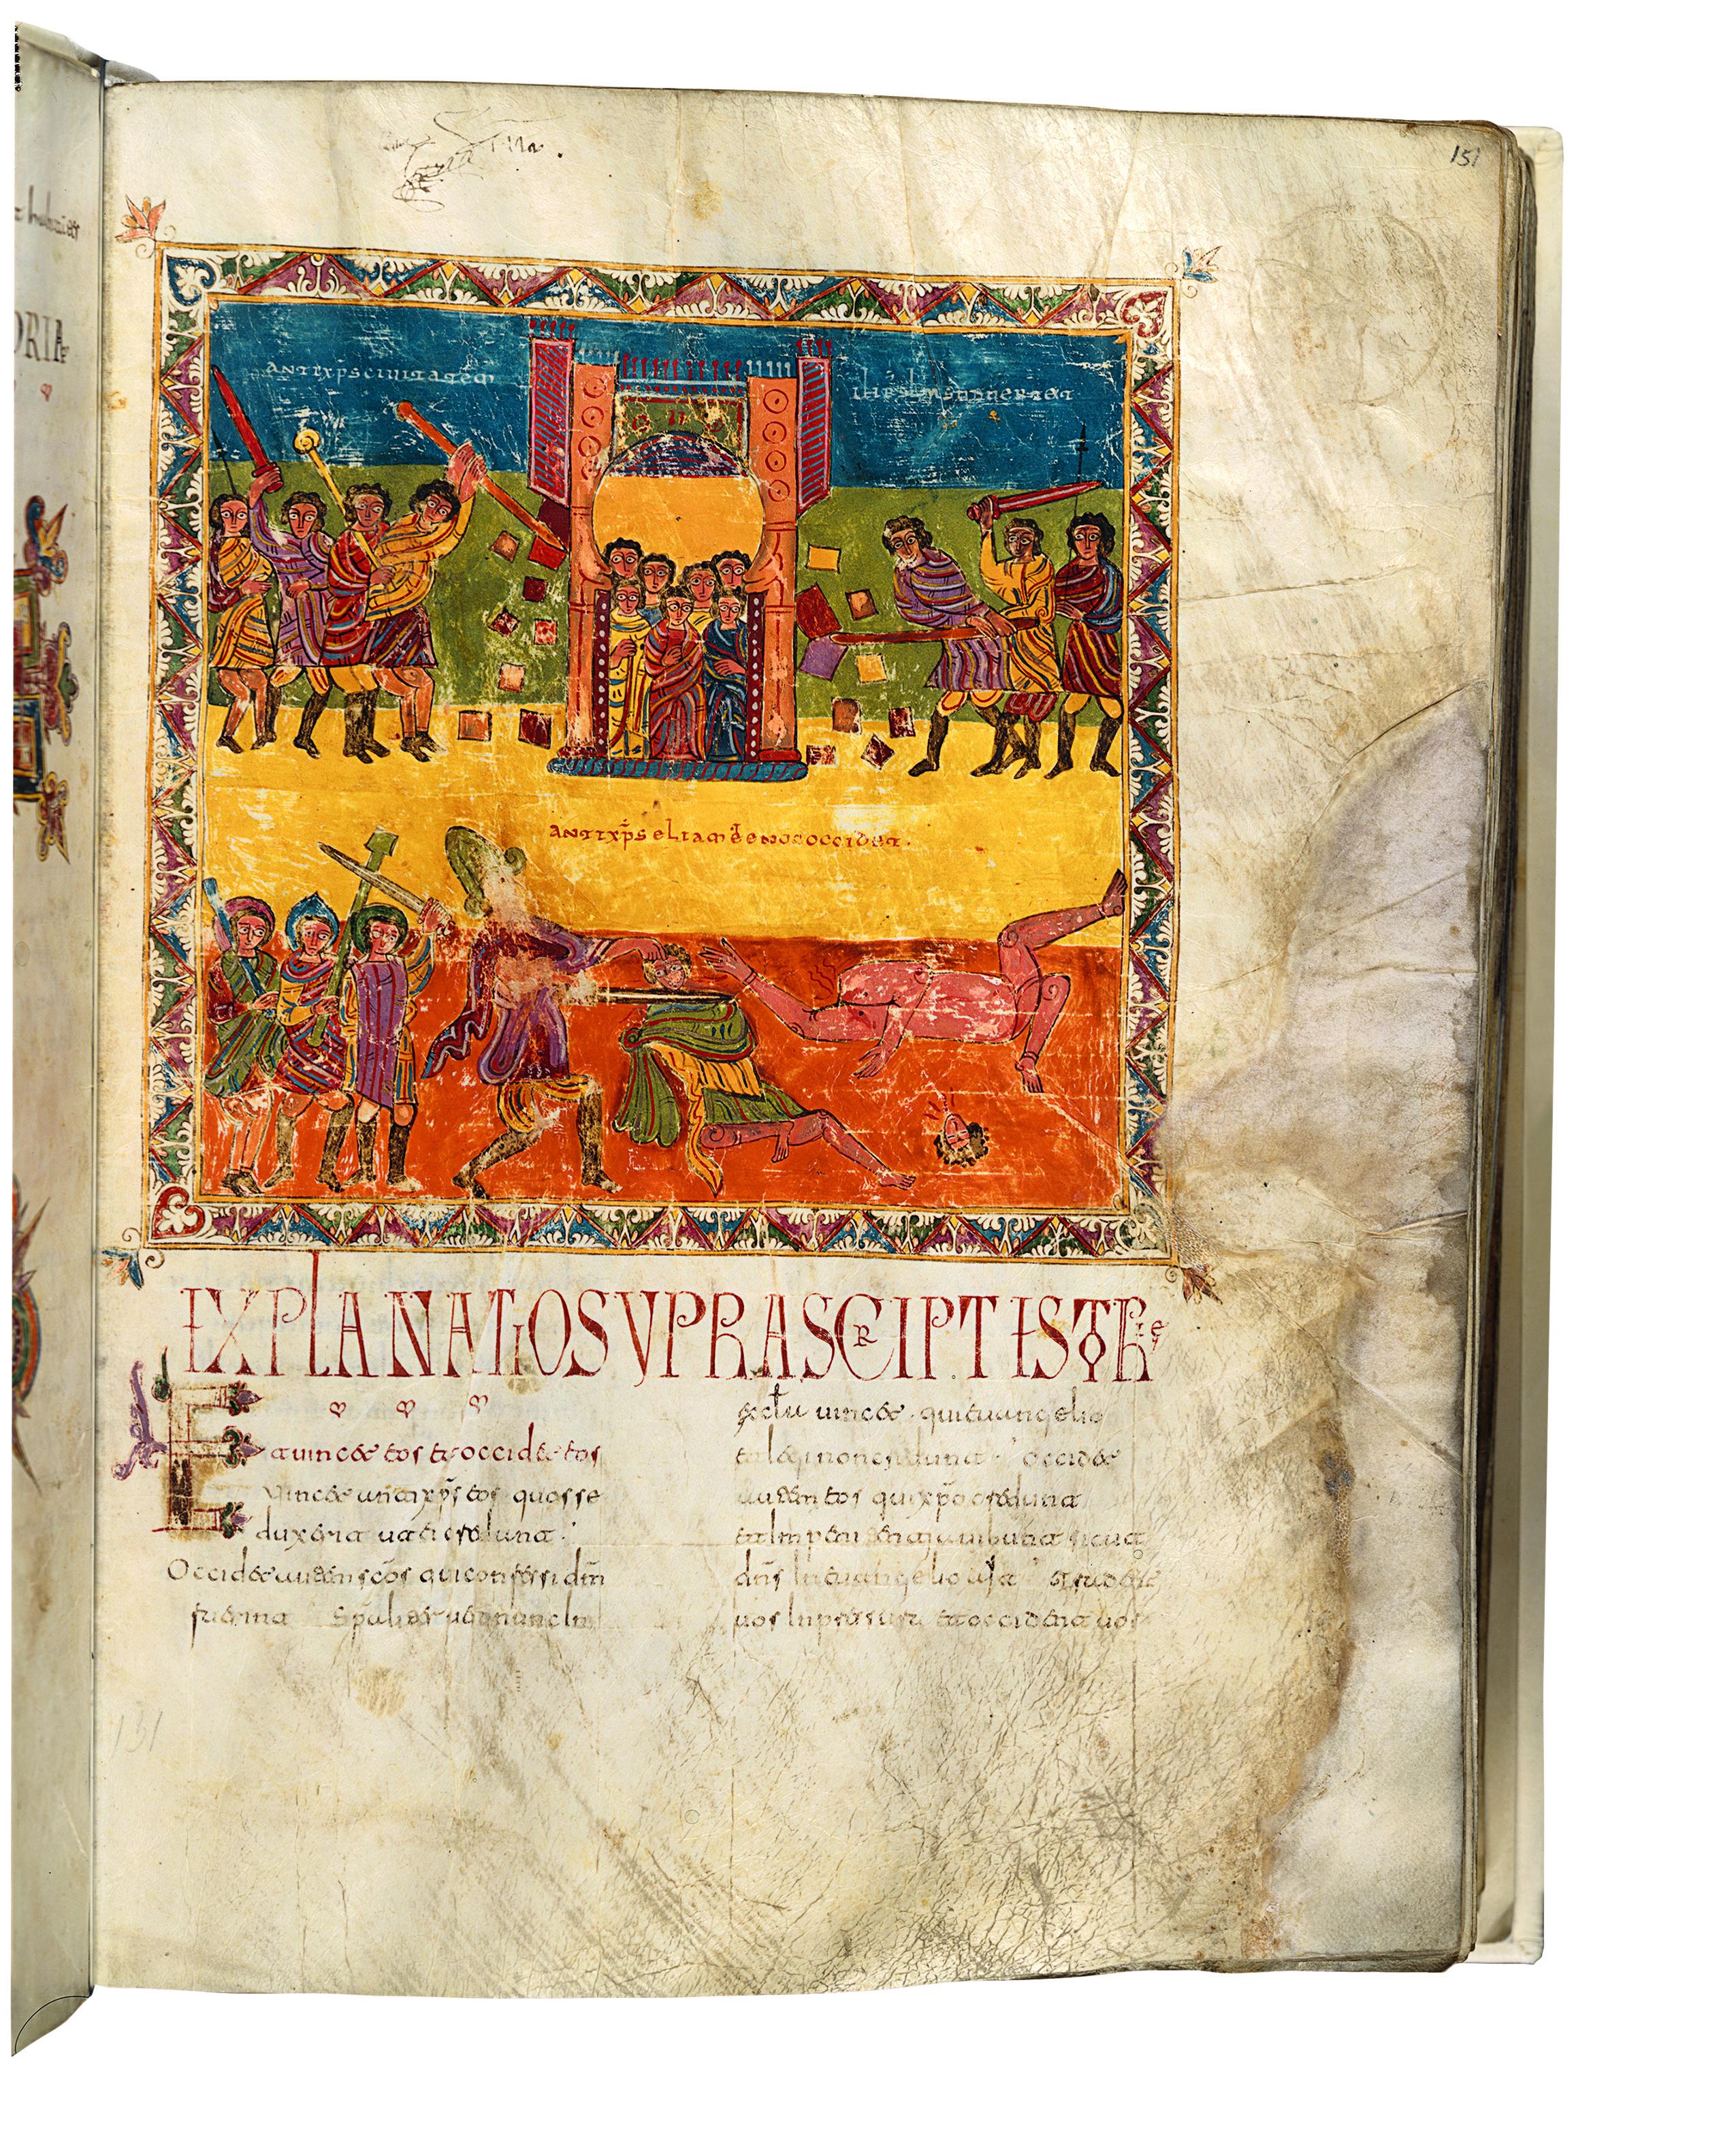 Manuscritos medievales: la historia detrás de los libros más valiosos